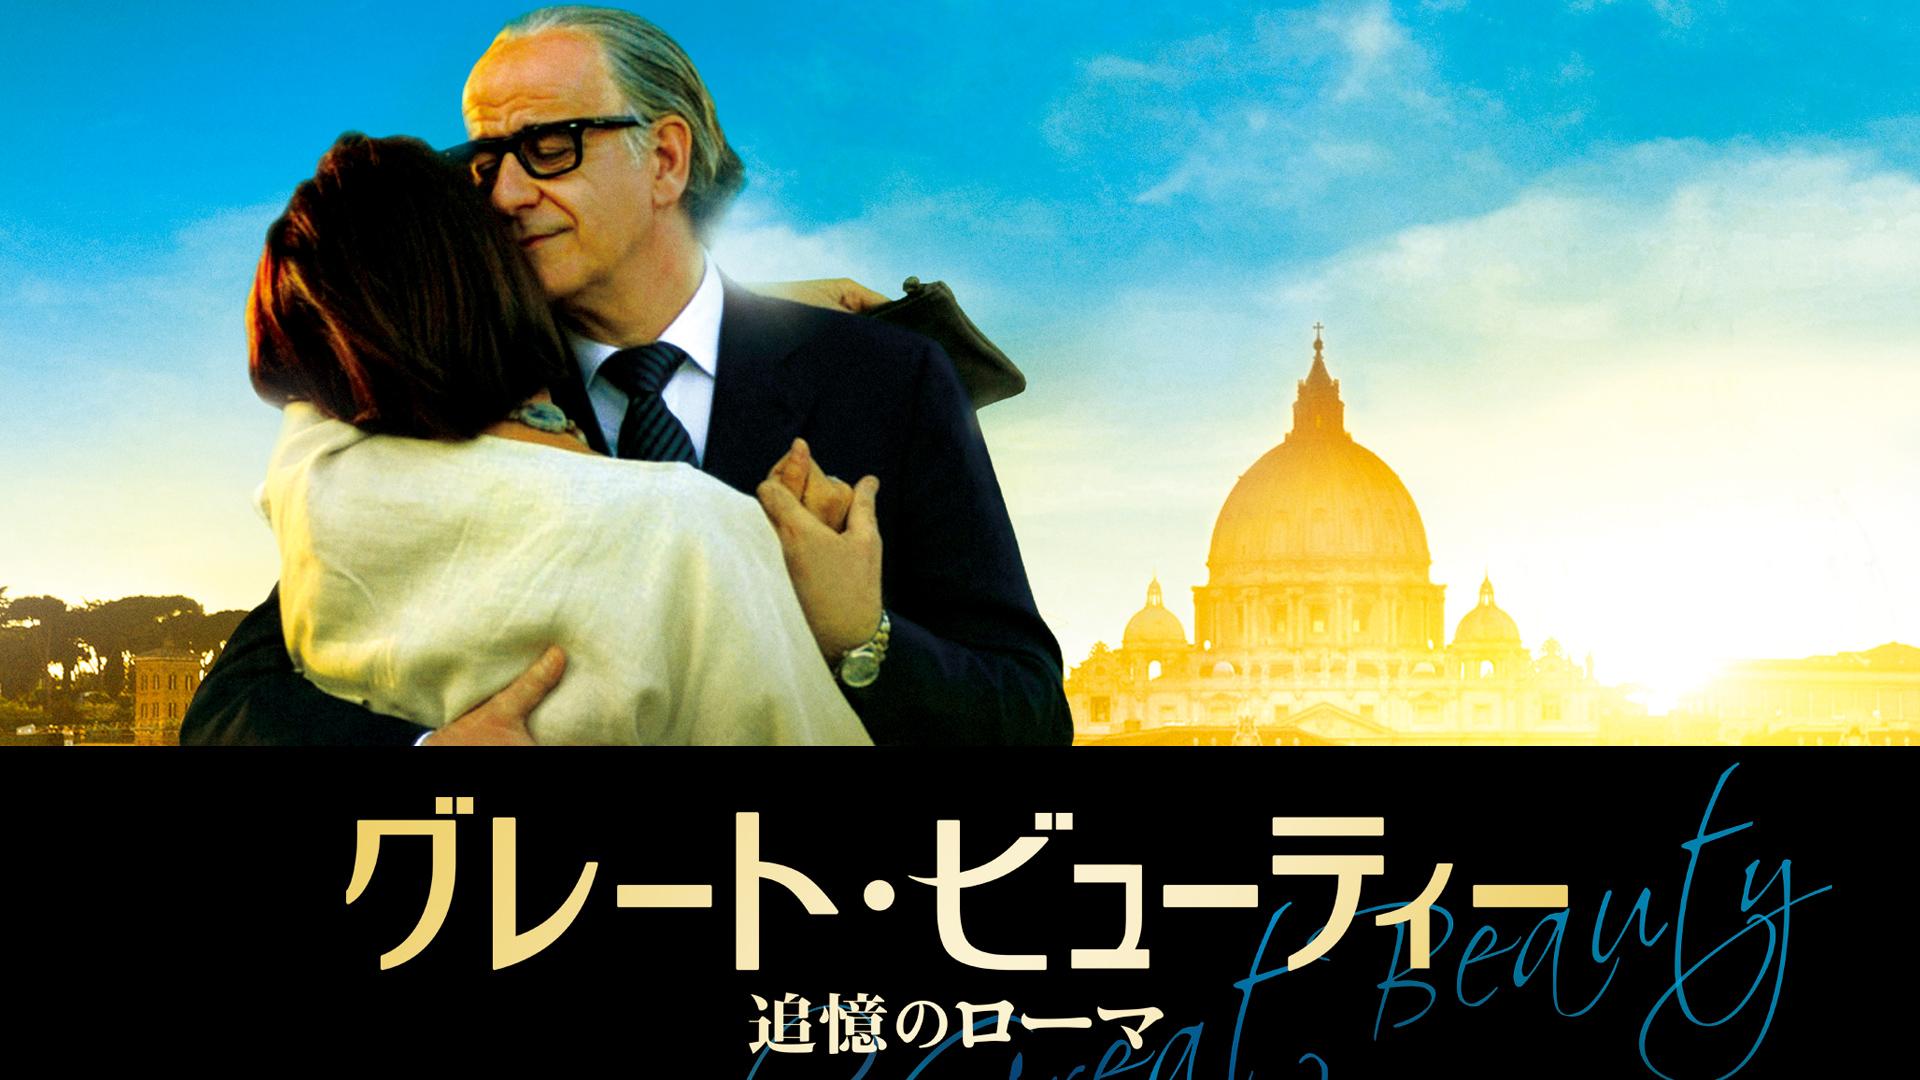 グレート・ビューティー 追憶のローマ(字幕版)